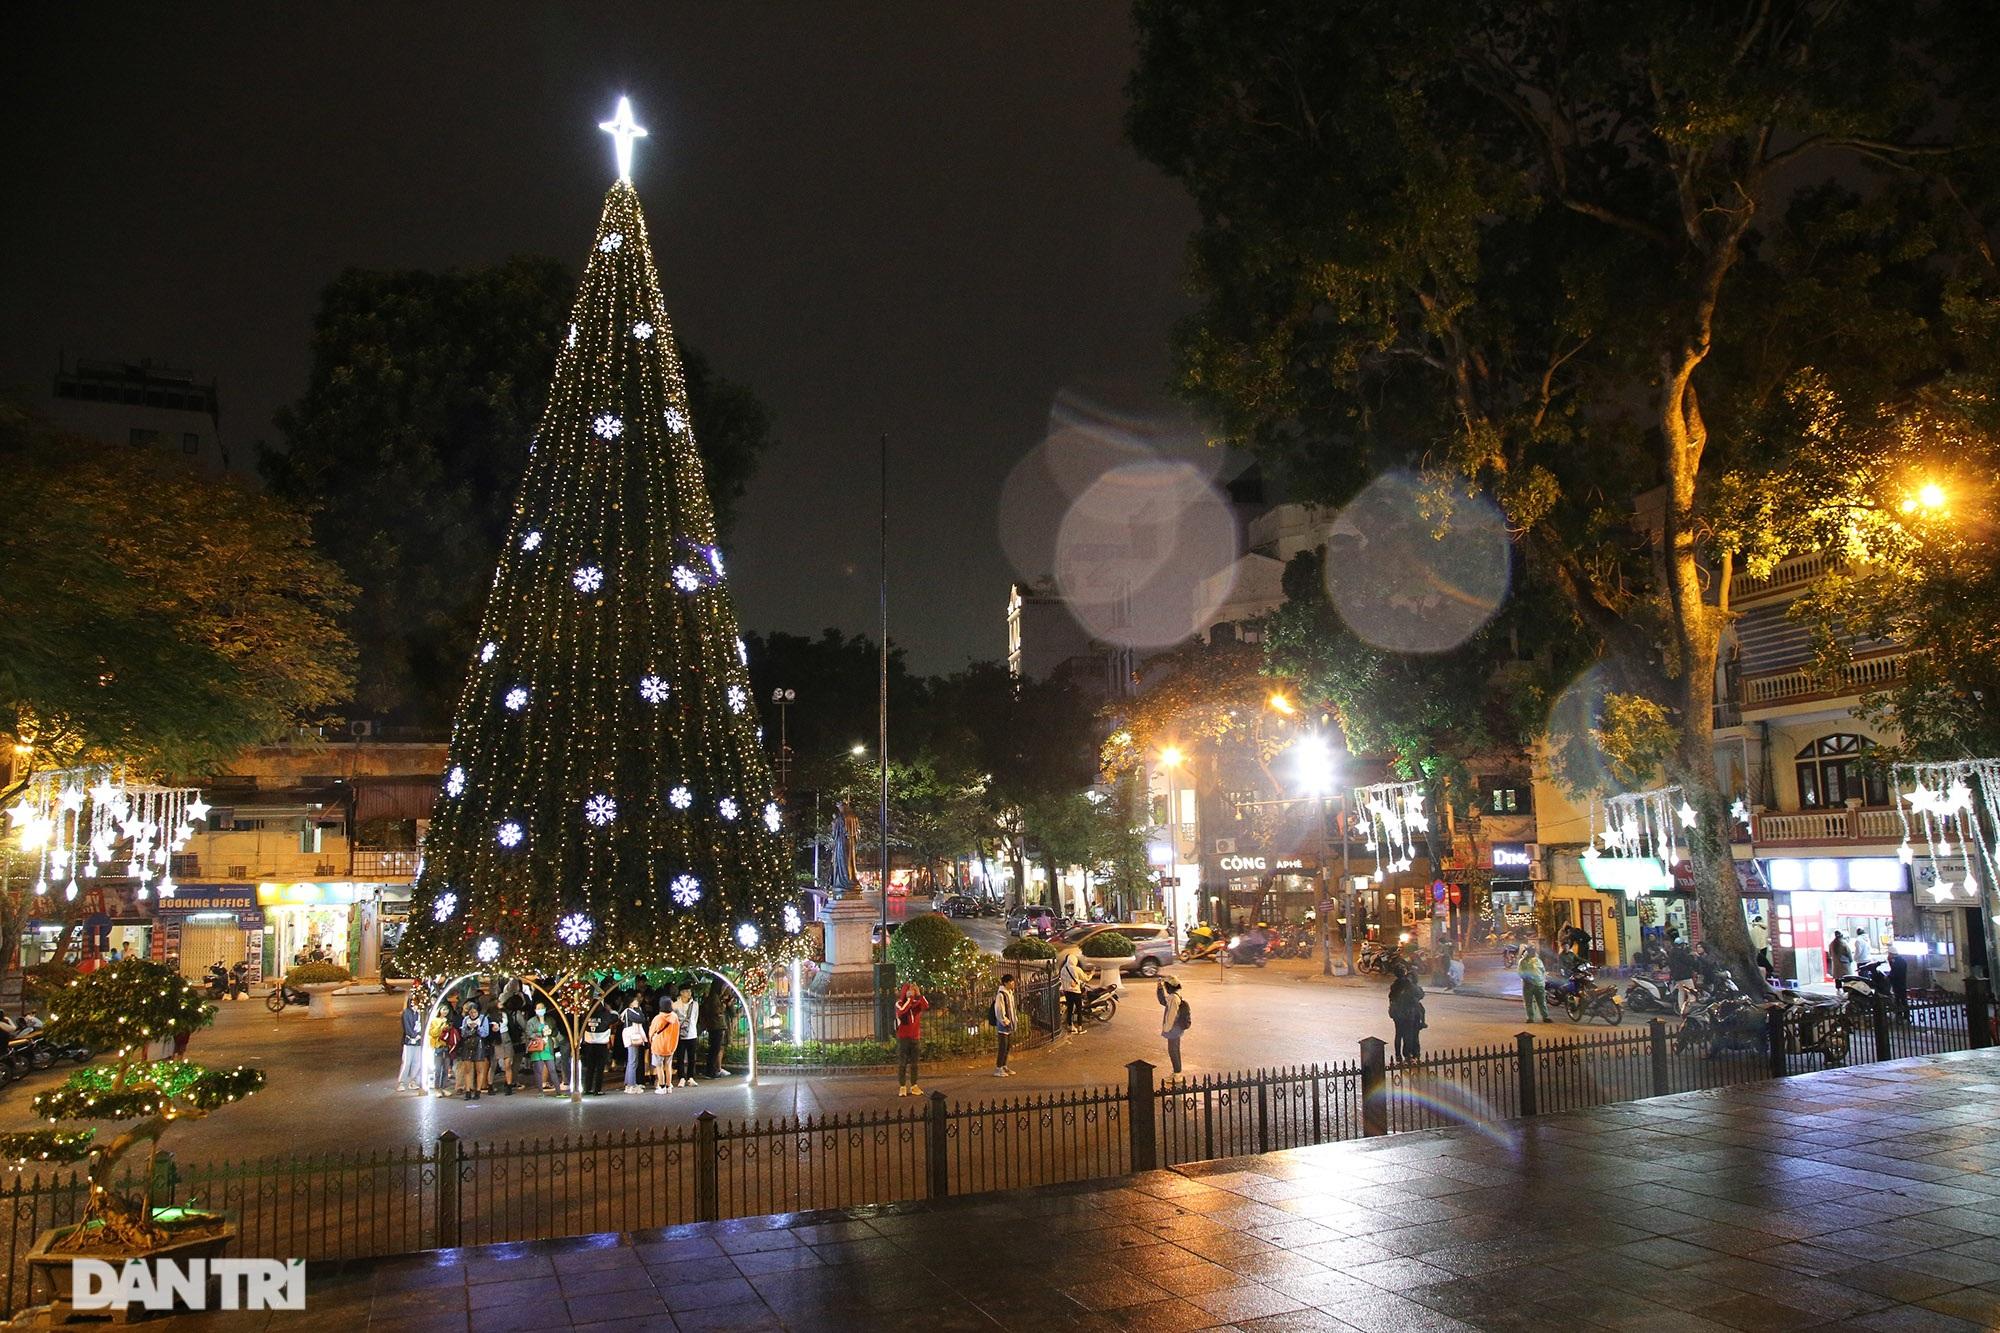 Các nhà thờ tại Hà Nội nhộn nhịp, trang hoàng chờ đón Giáng sinh 2020 - 4